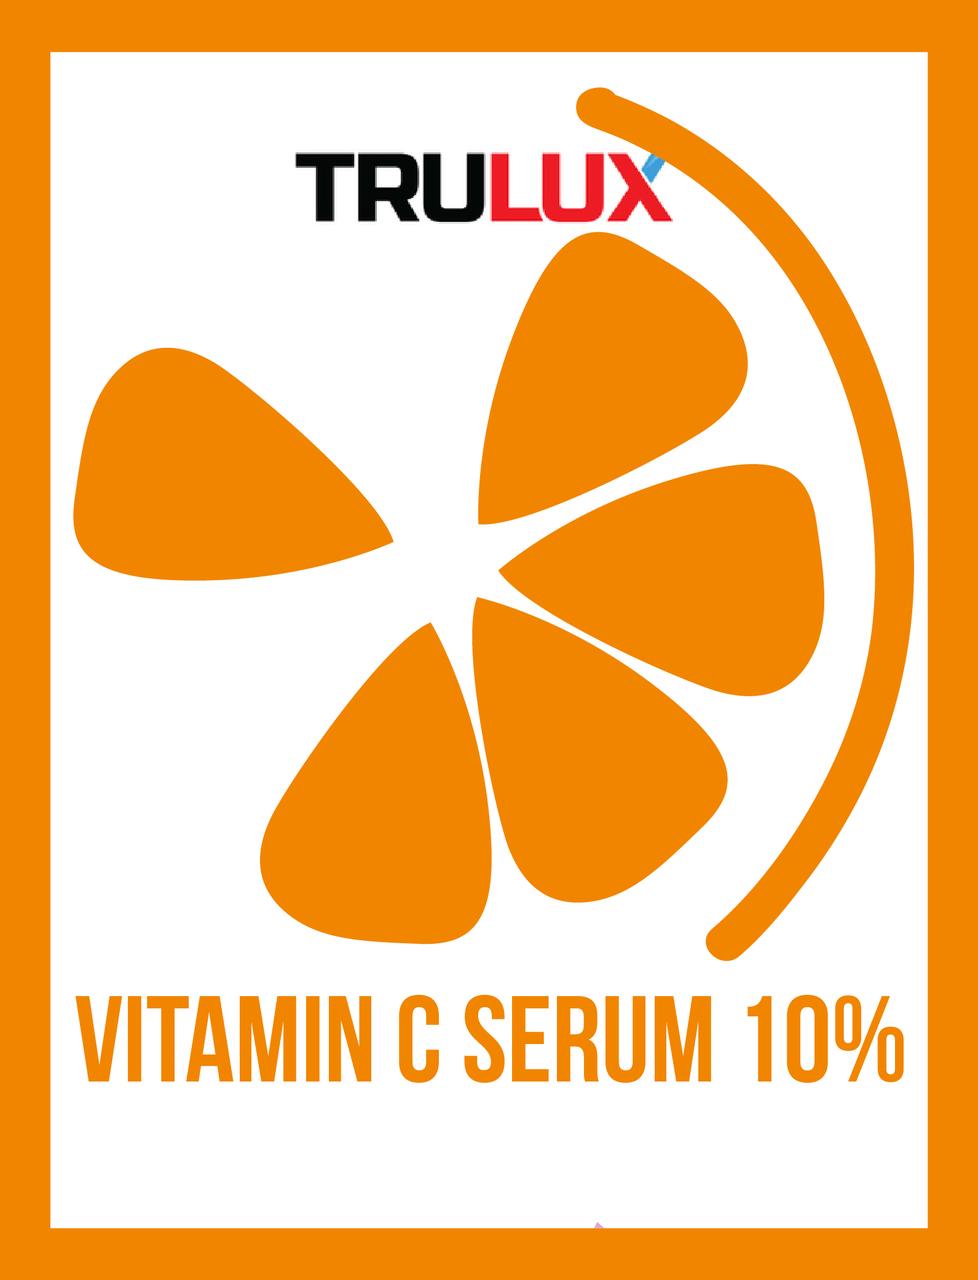 VITAMIN C SERUM 10%